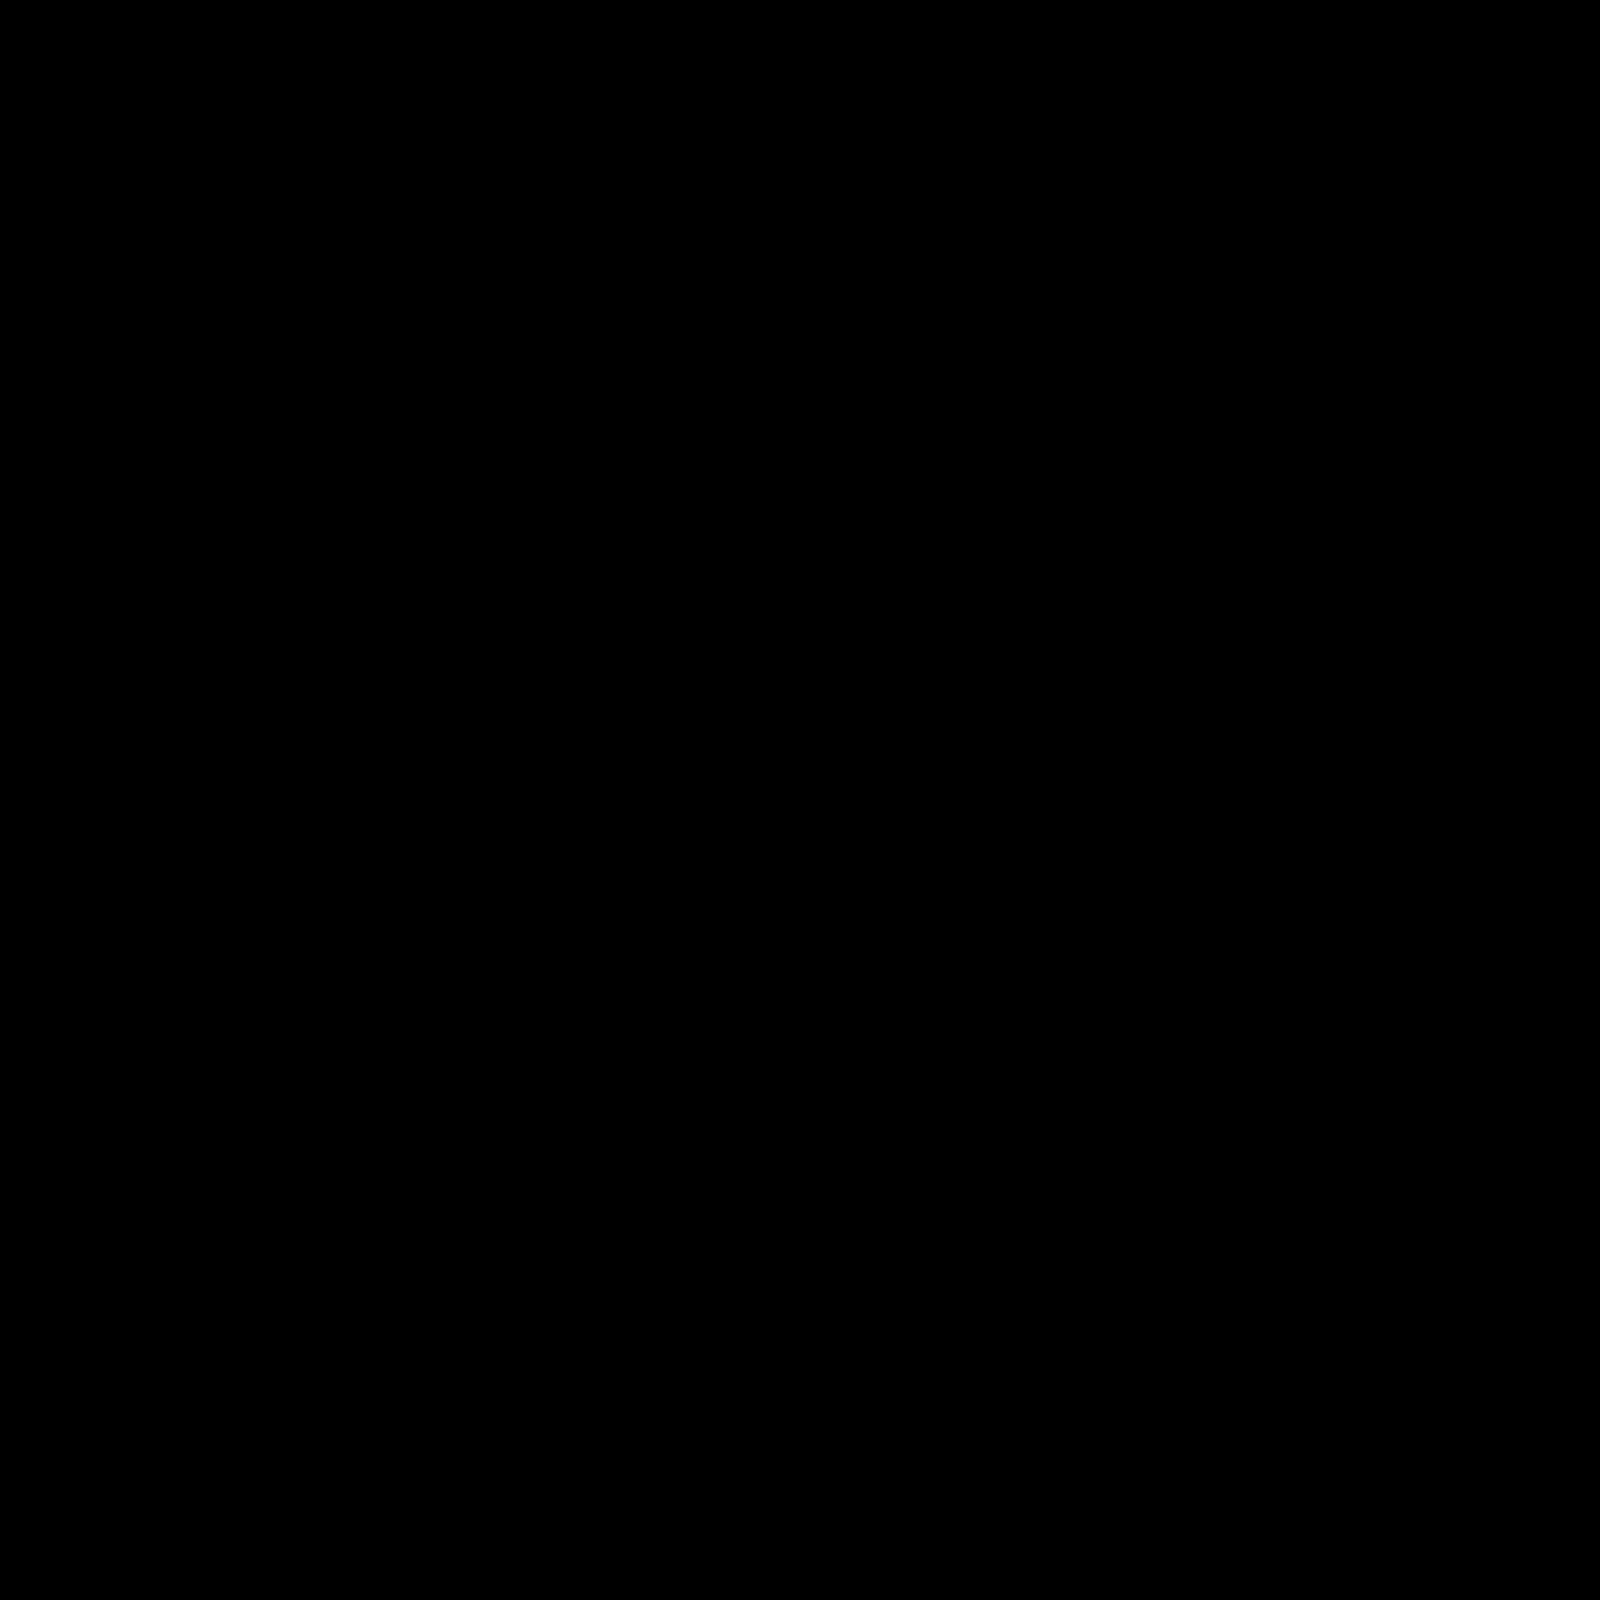 Segelboot icon